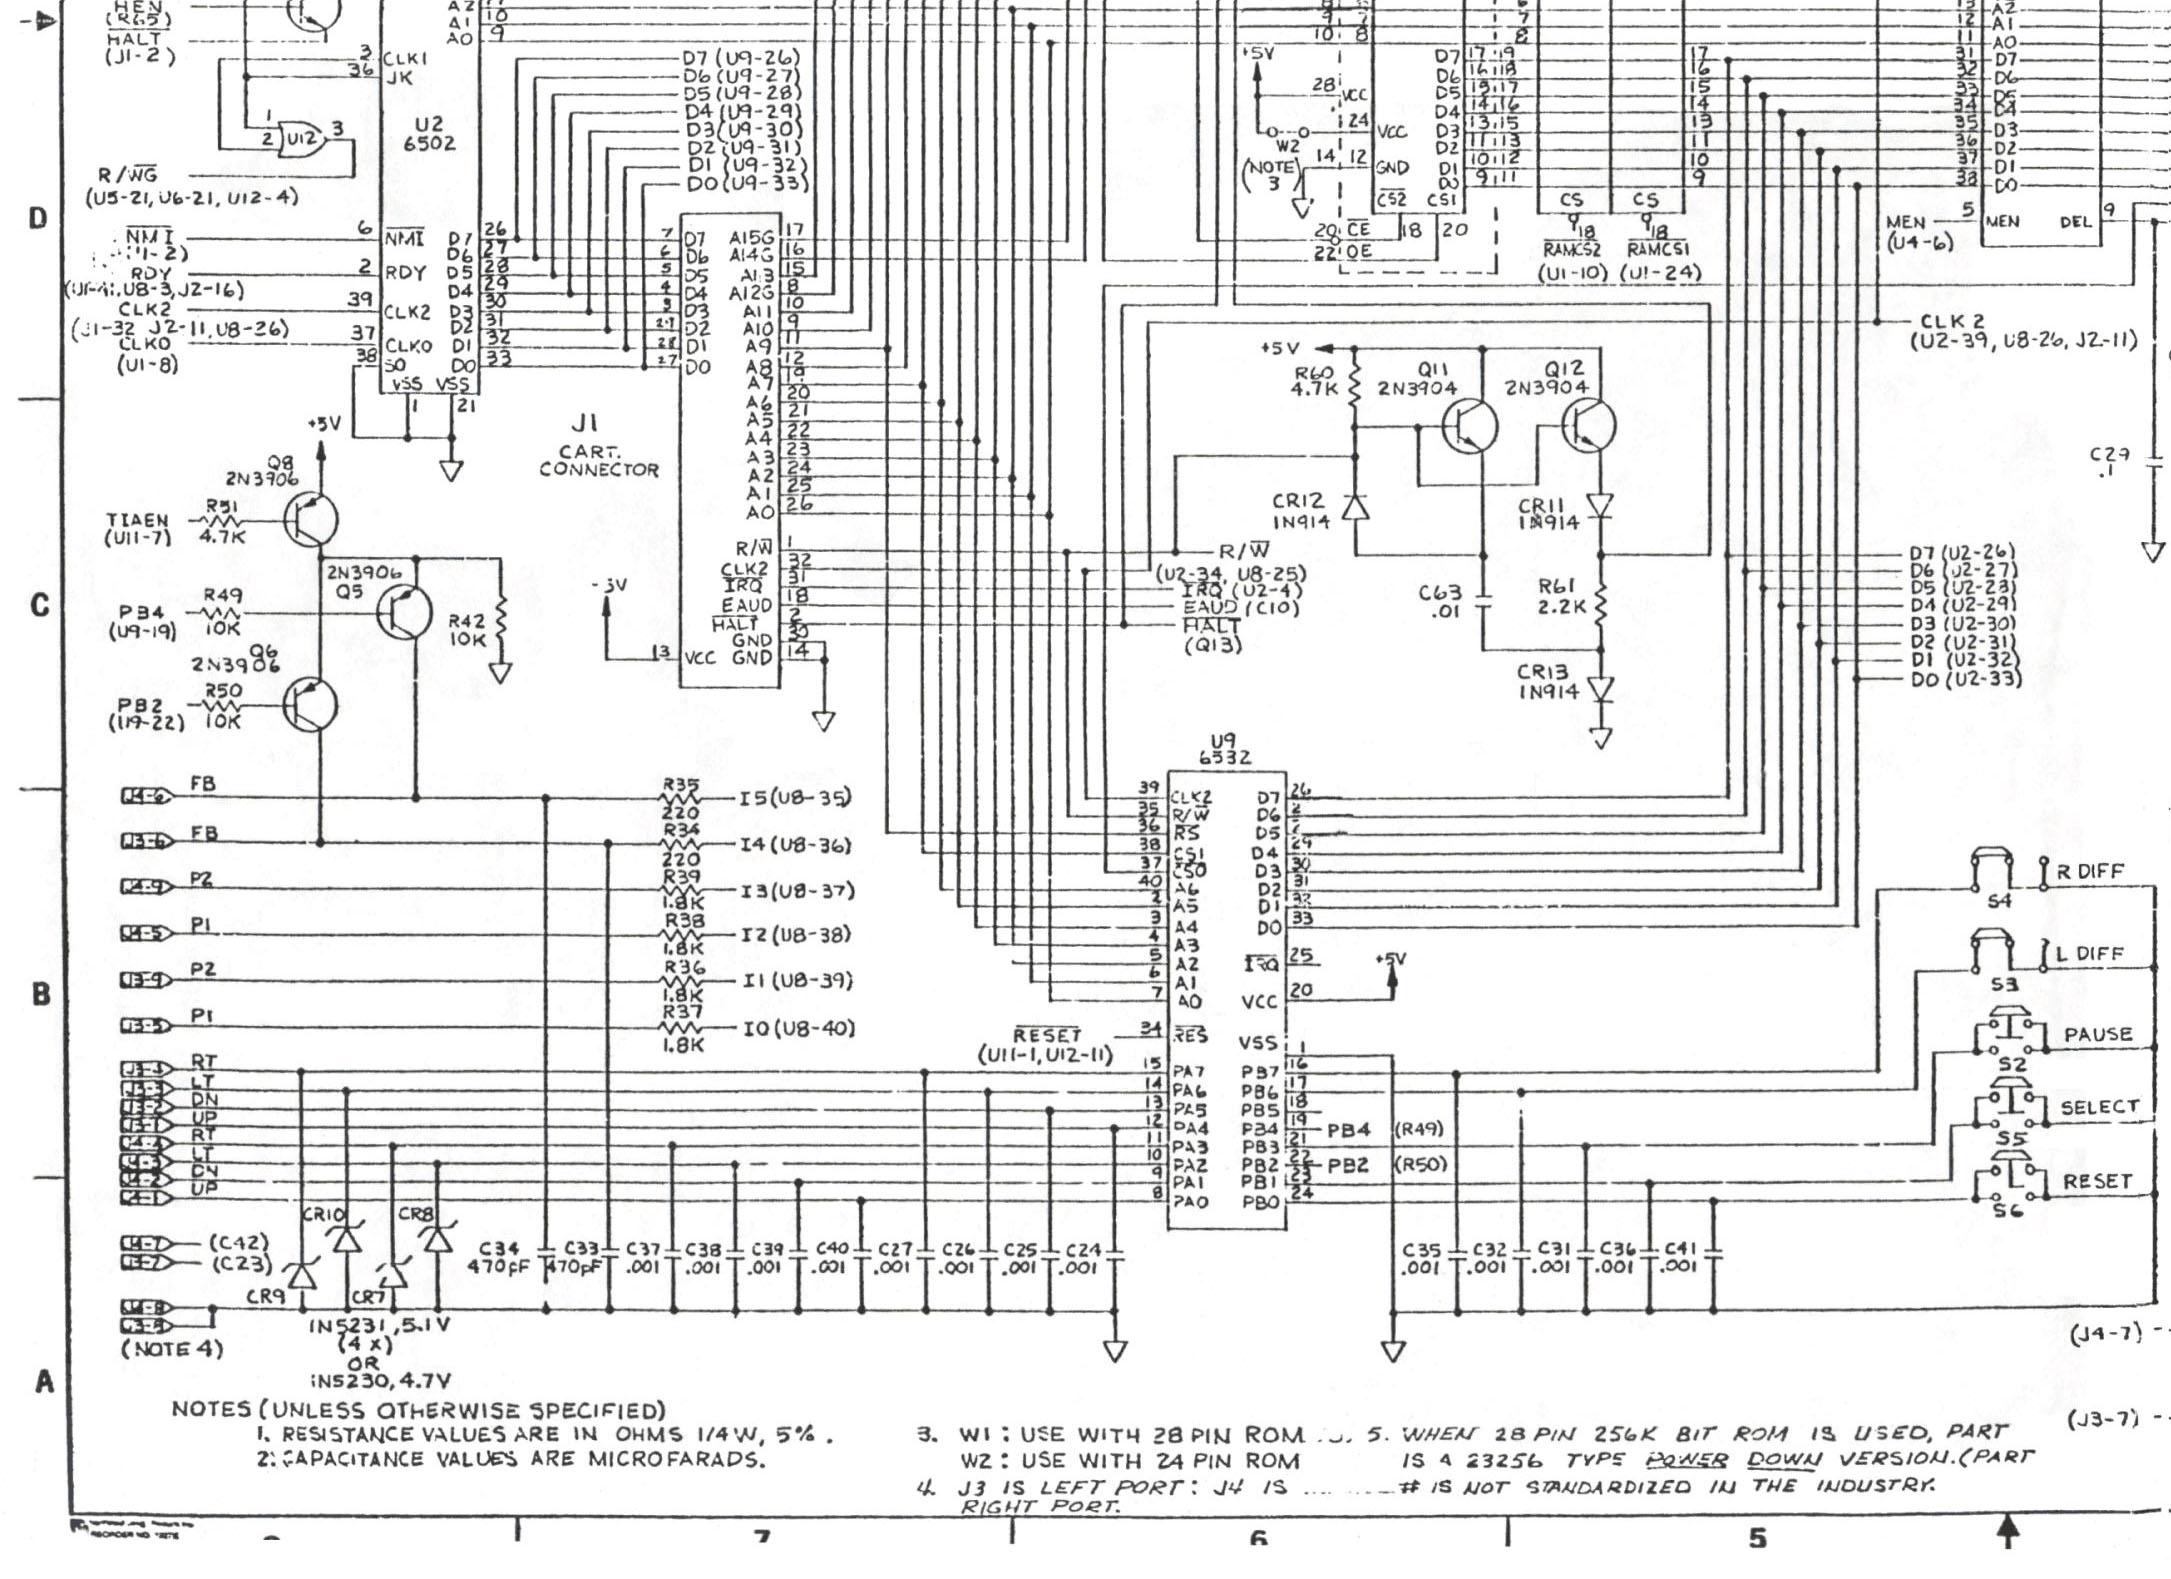 atari schematics rh atari7800 org Sega Genesis Atari 7800